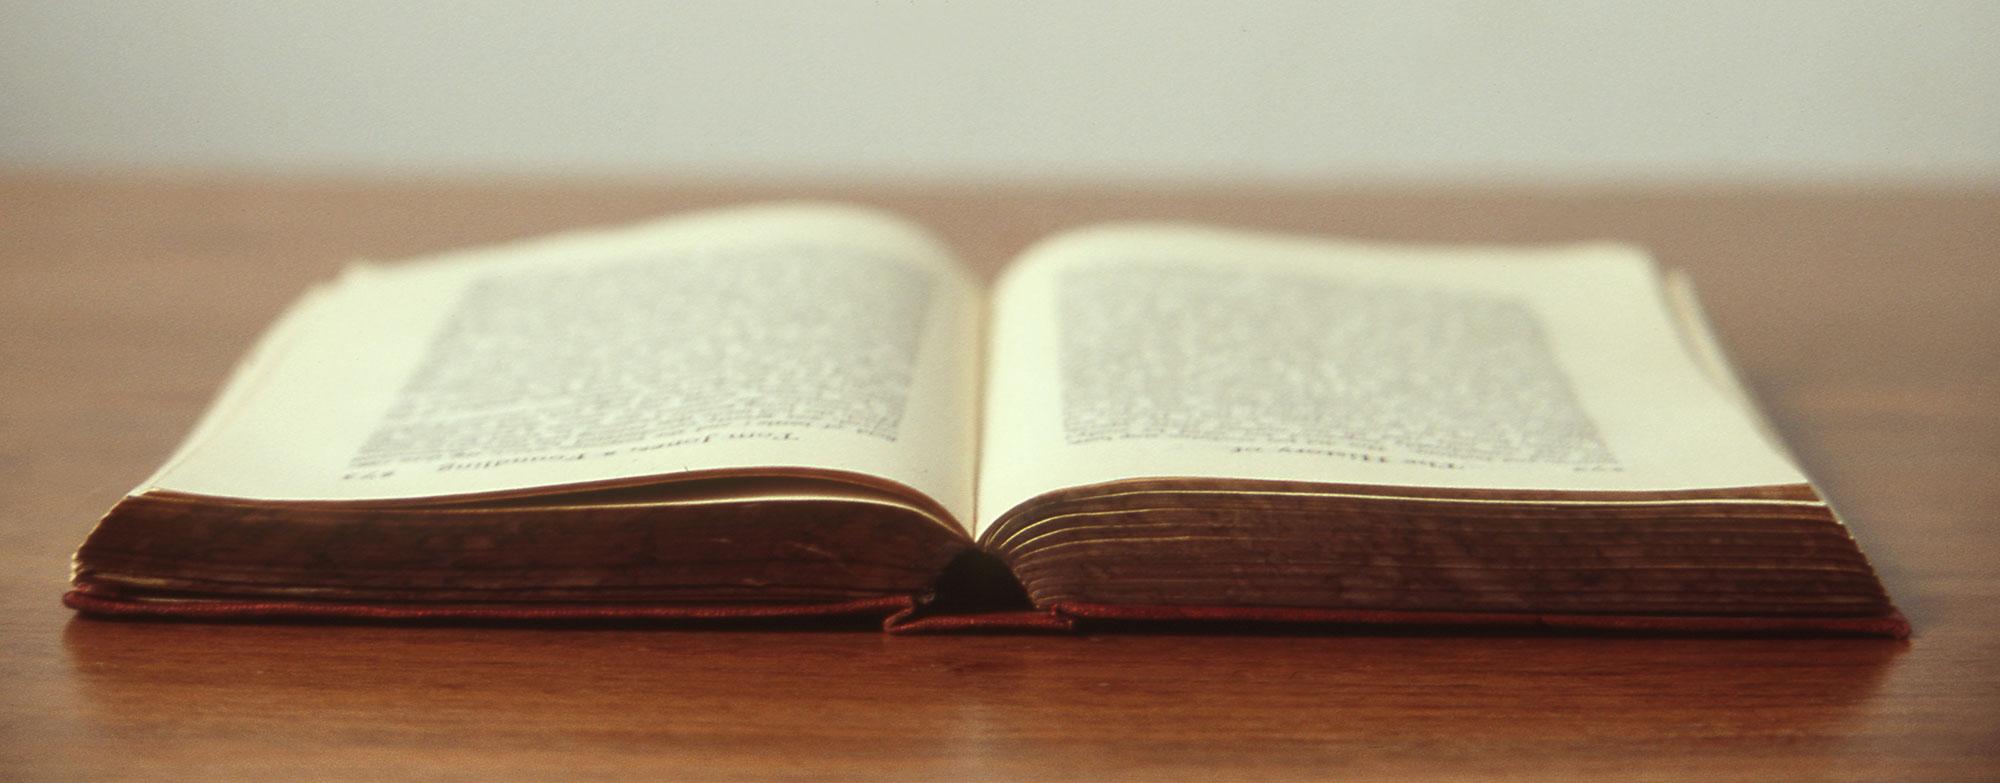 millennials love books